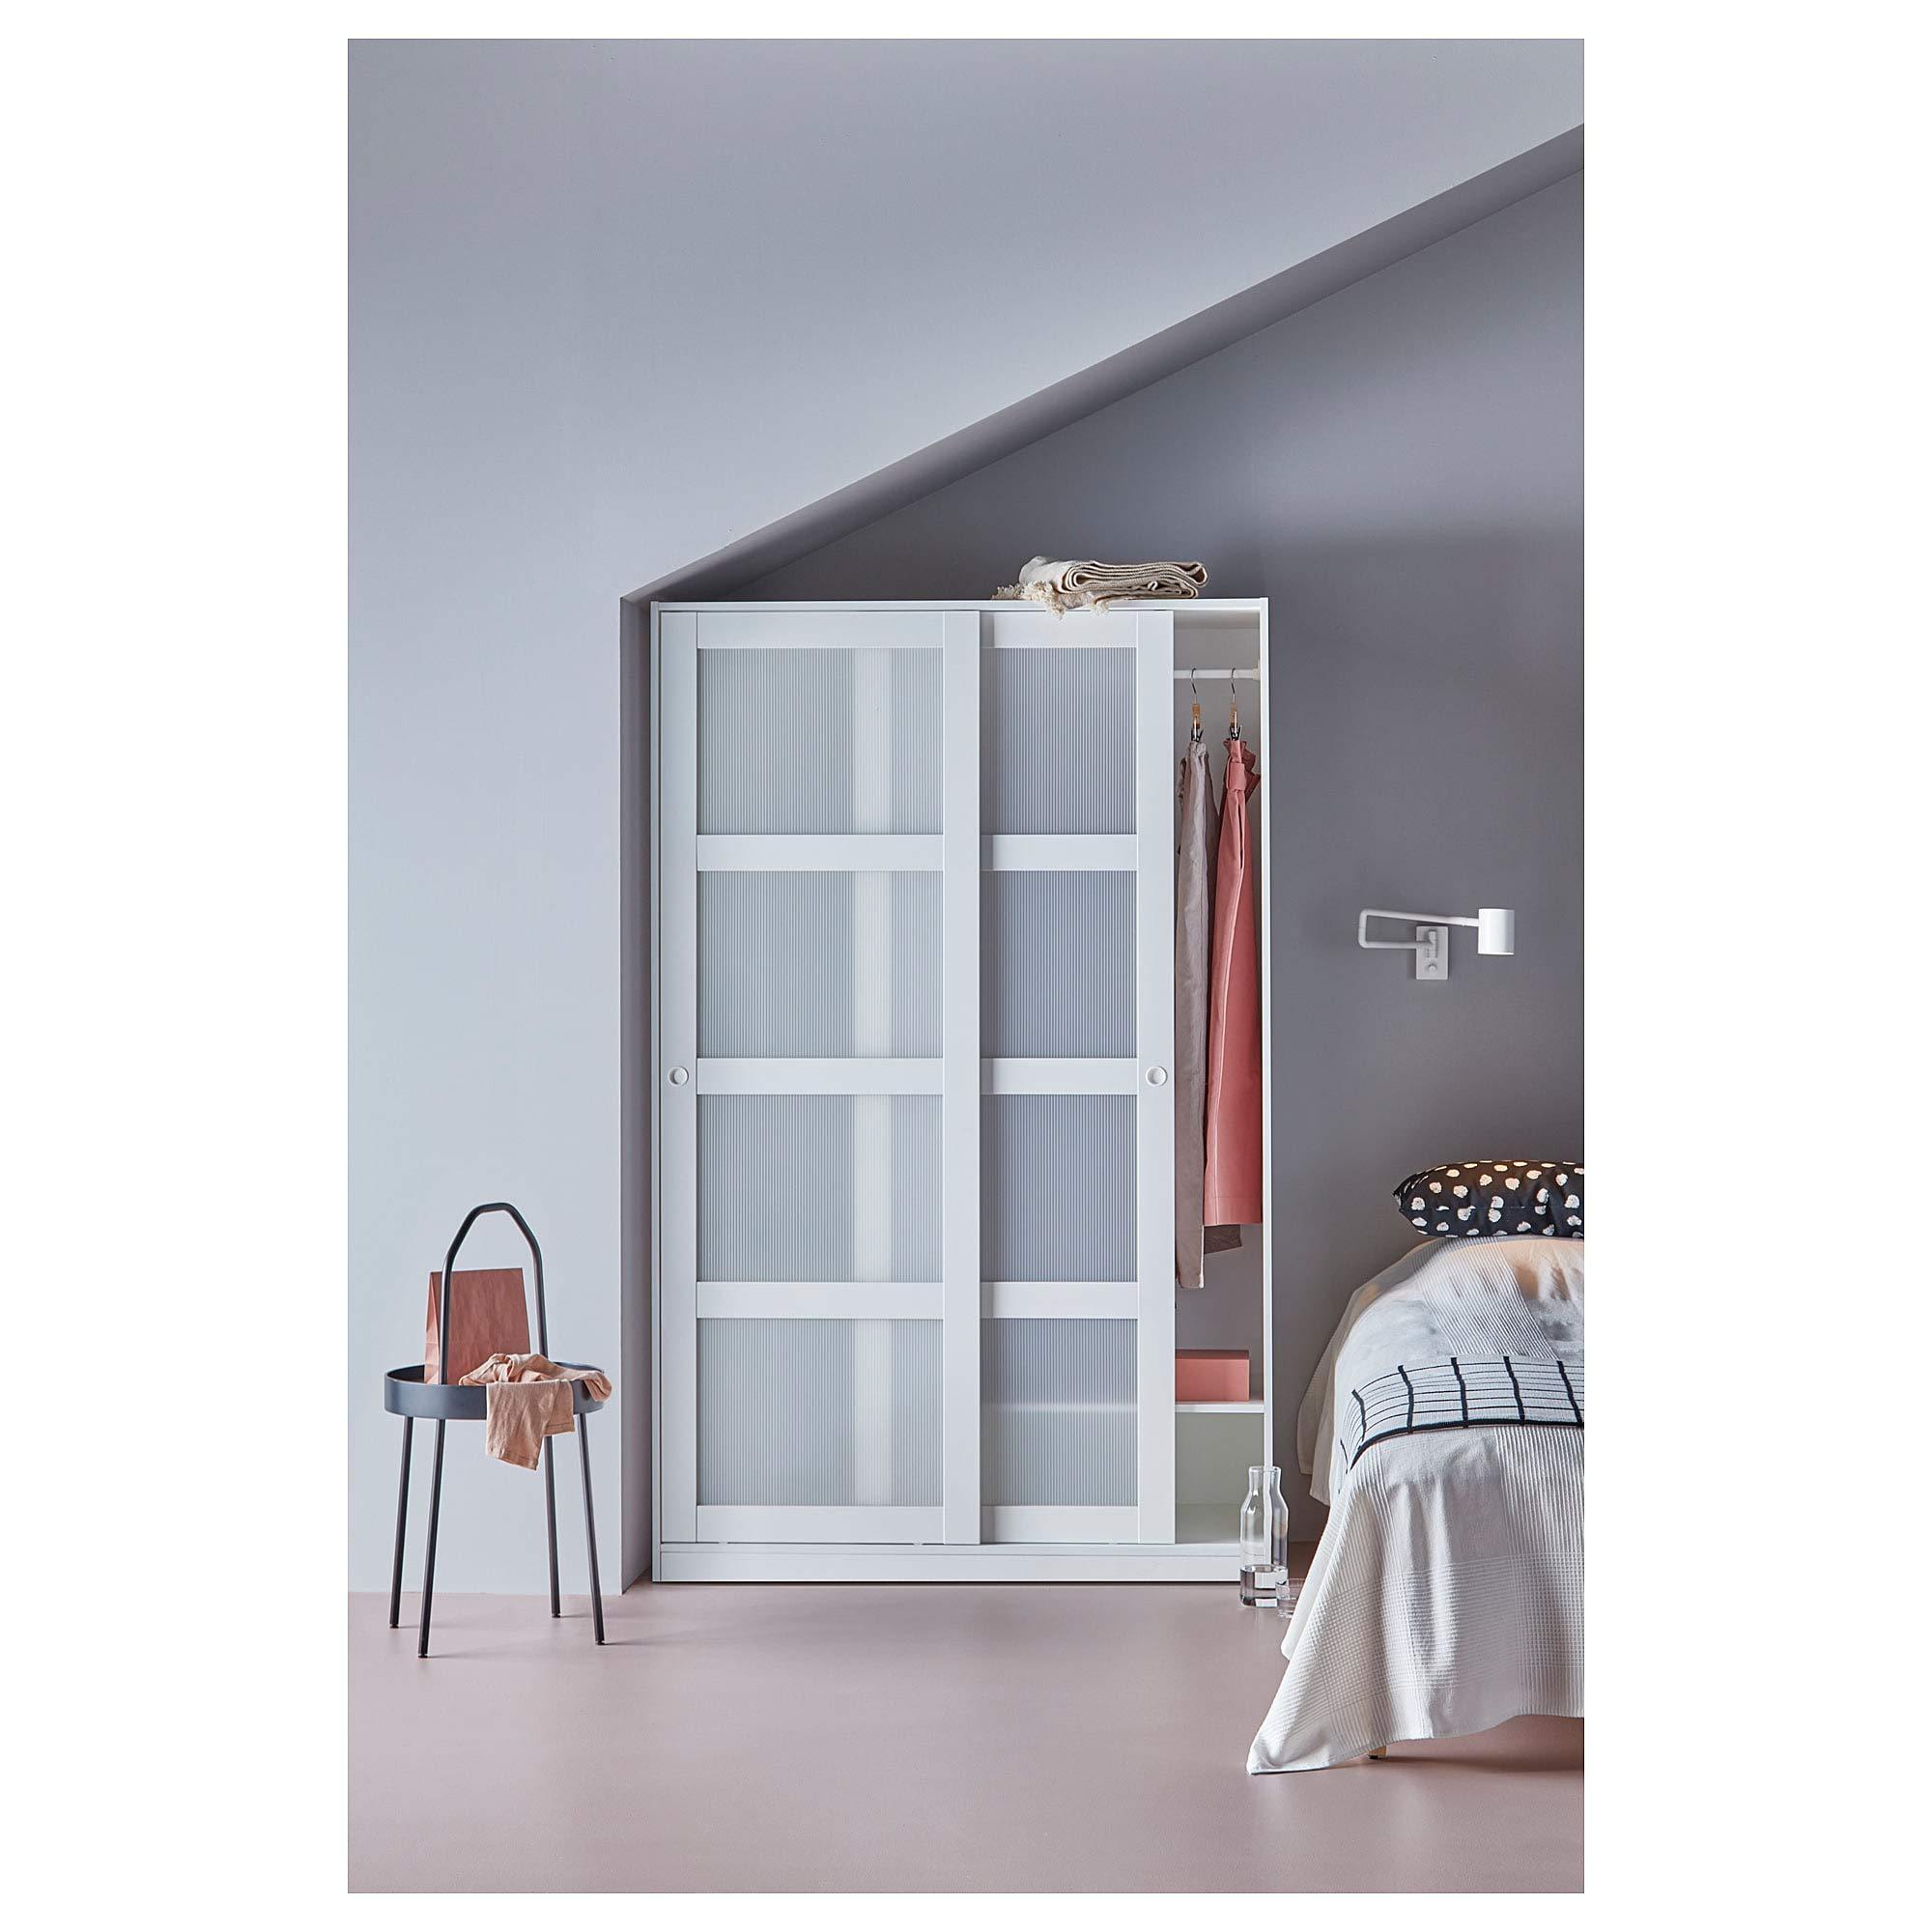 Ikea 1826.888.346 - Armario con 2 puertas correderas, color blanco: Amazon.es: Juguetes y juegos